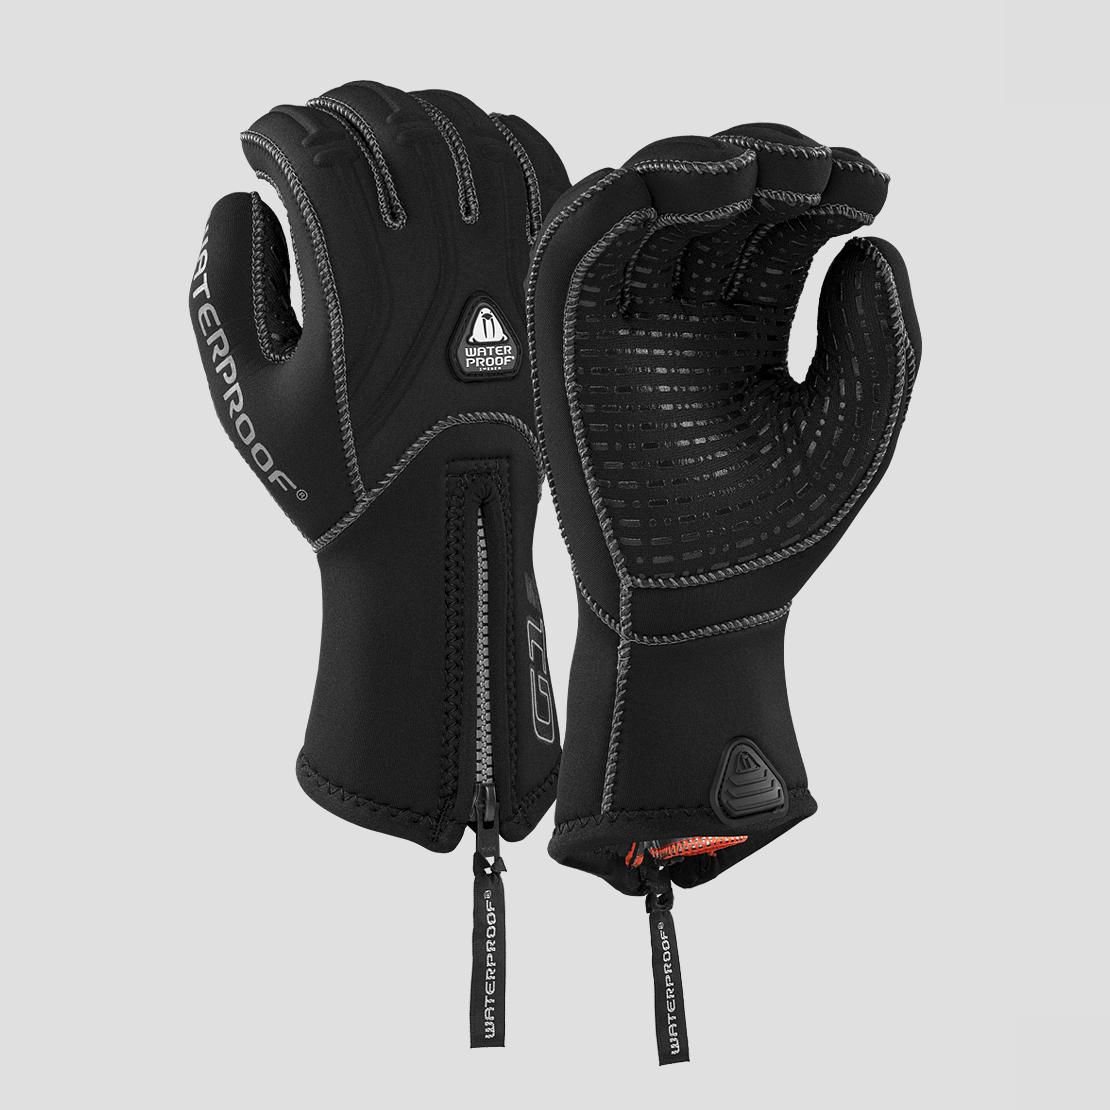 Waterproof G1 5MM 5-FINGER